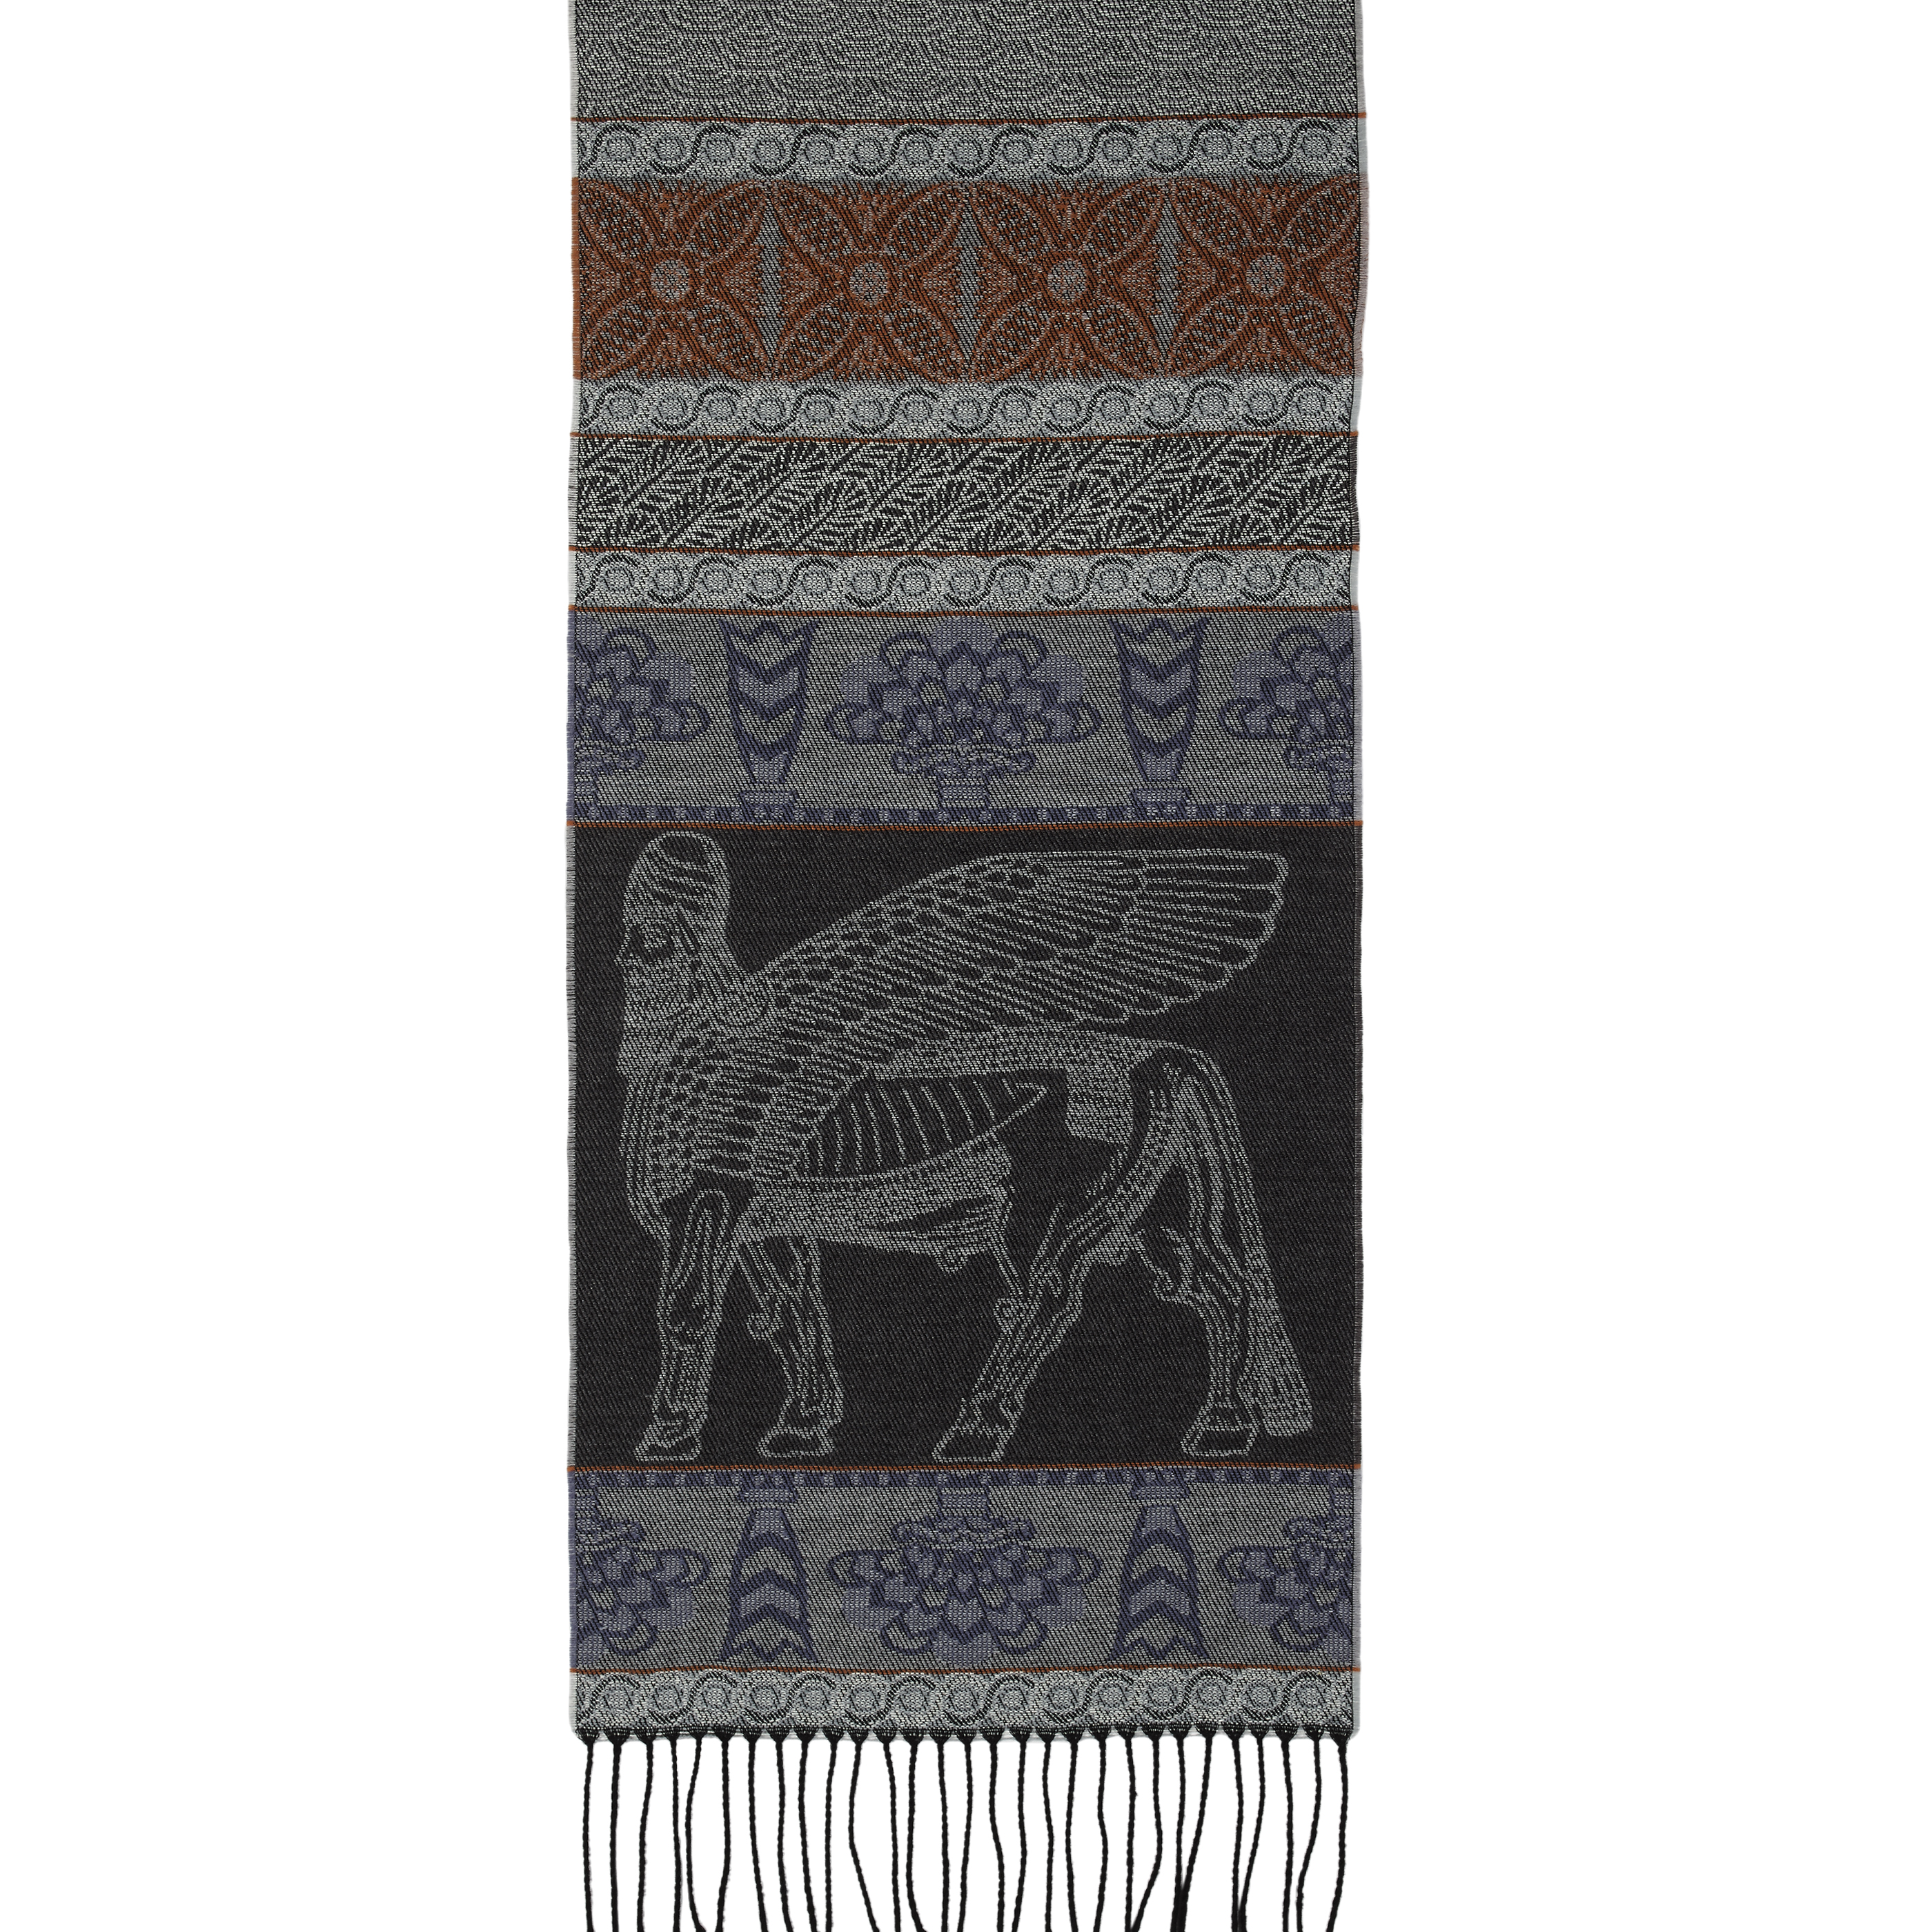 Assyrian wool scarf